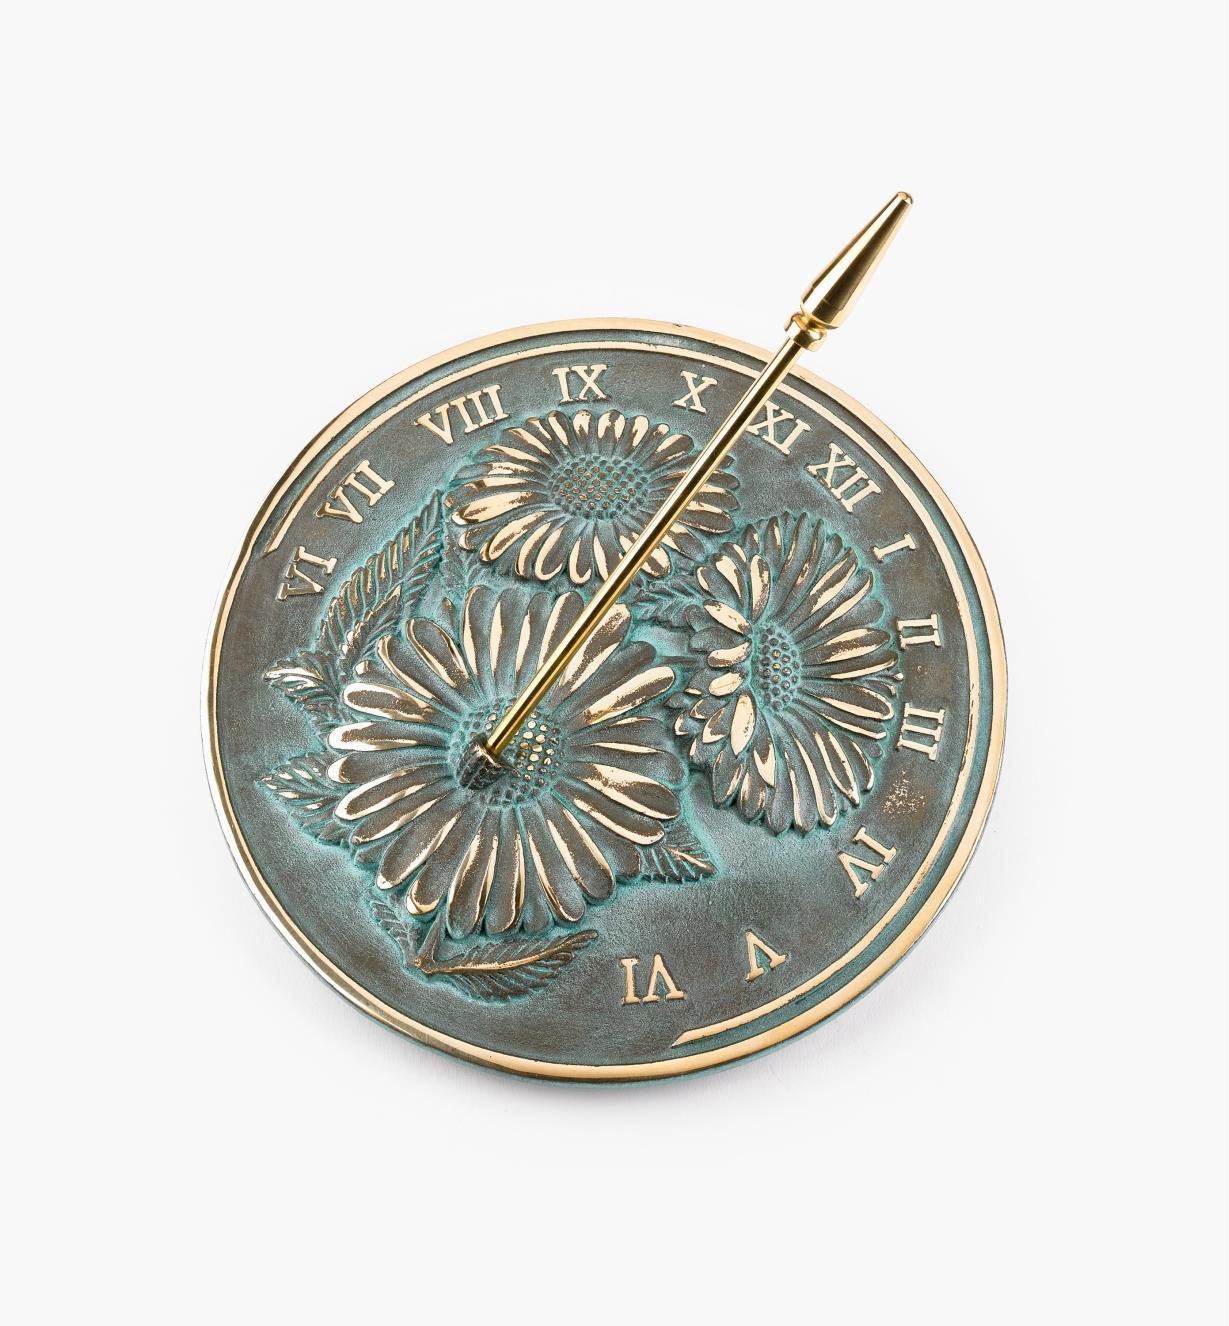 KD362 - Cadran solaire floral en laiton